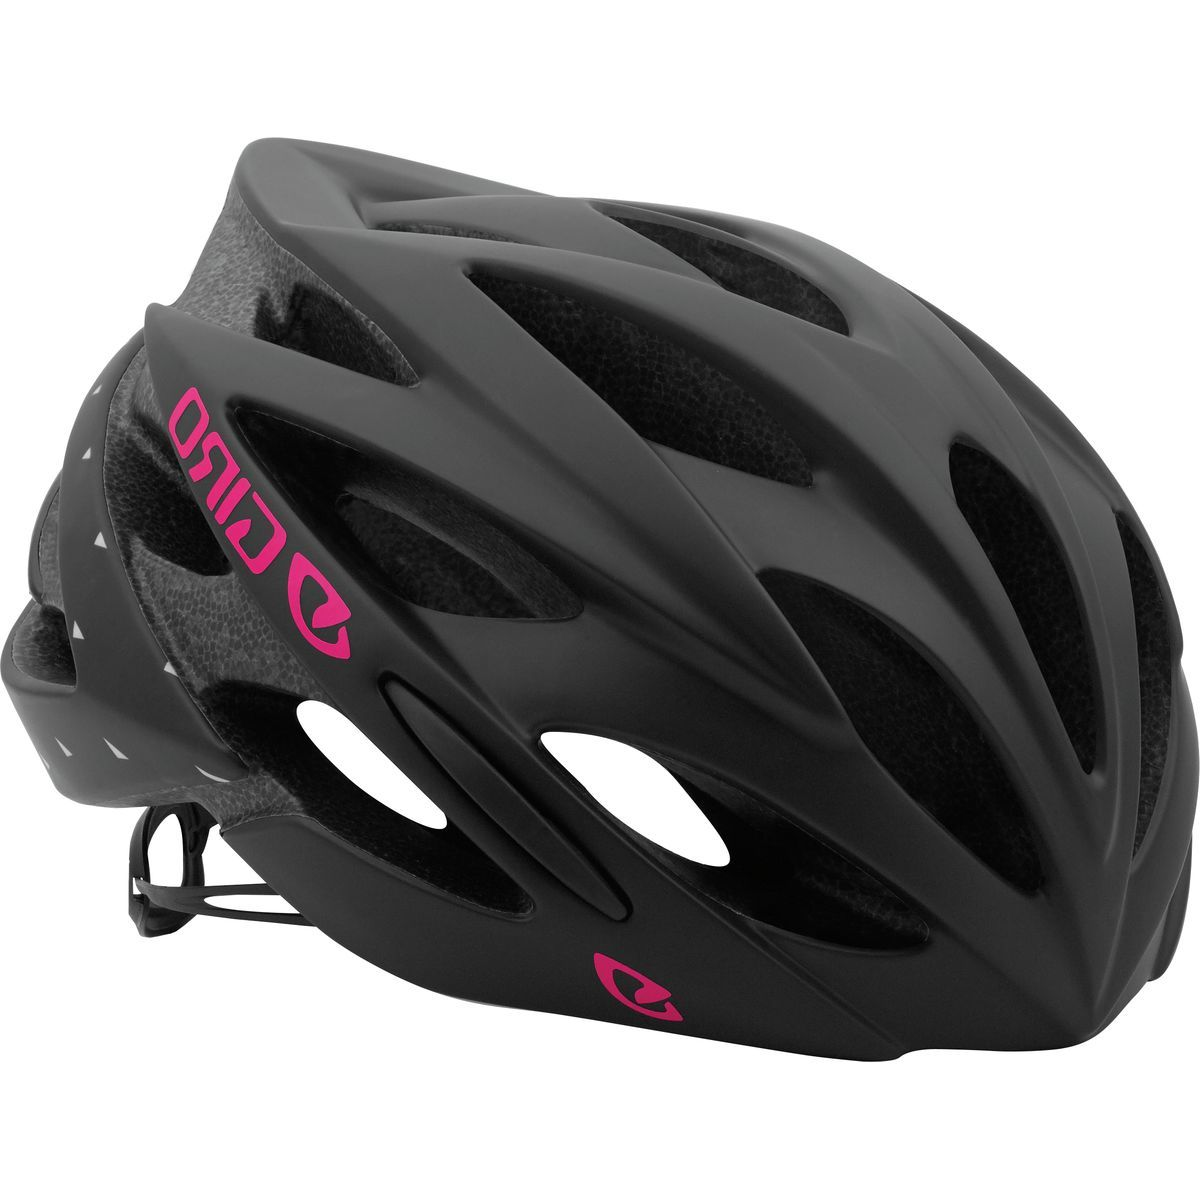 Giro Sonnet Helmet - Women's